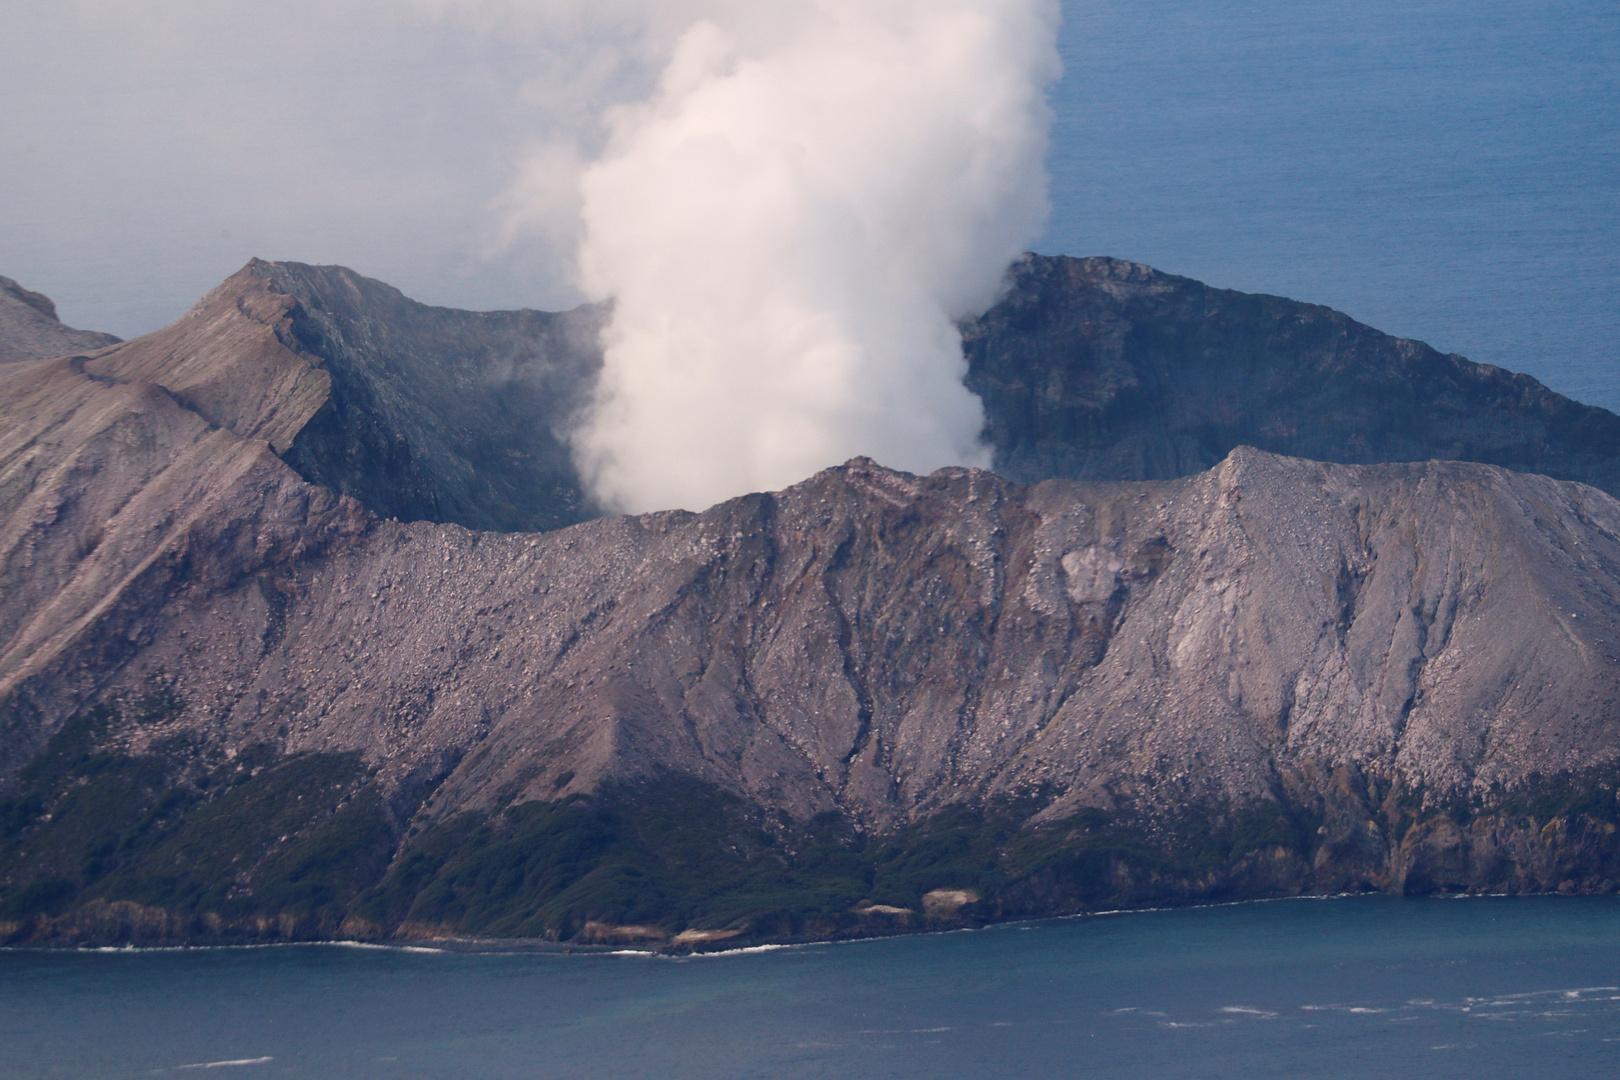 بركان نيوزيلندا .. انتشال 6 جثث واستبعاد بقاء أشخاص على قيد الحياة